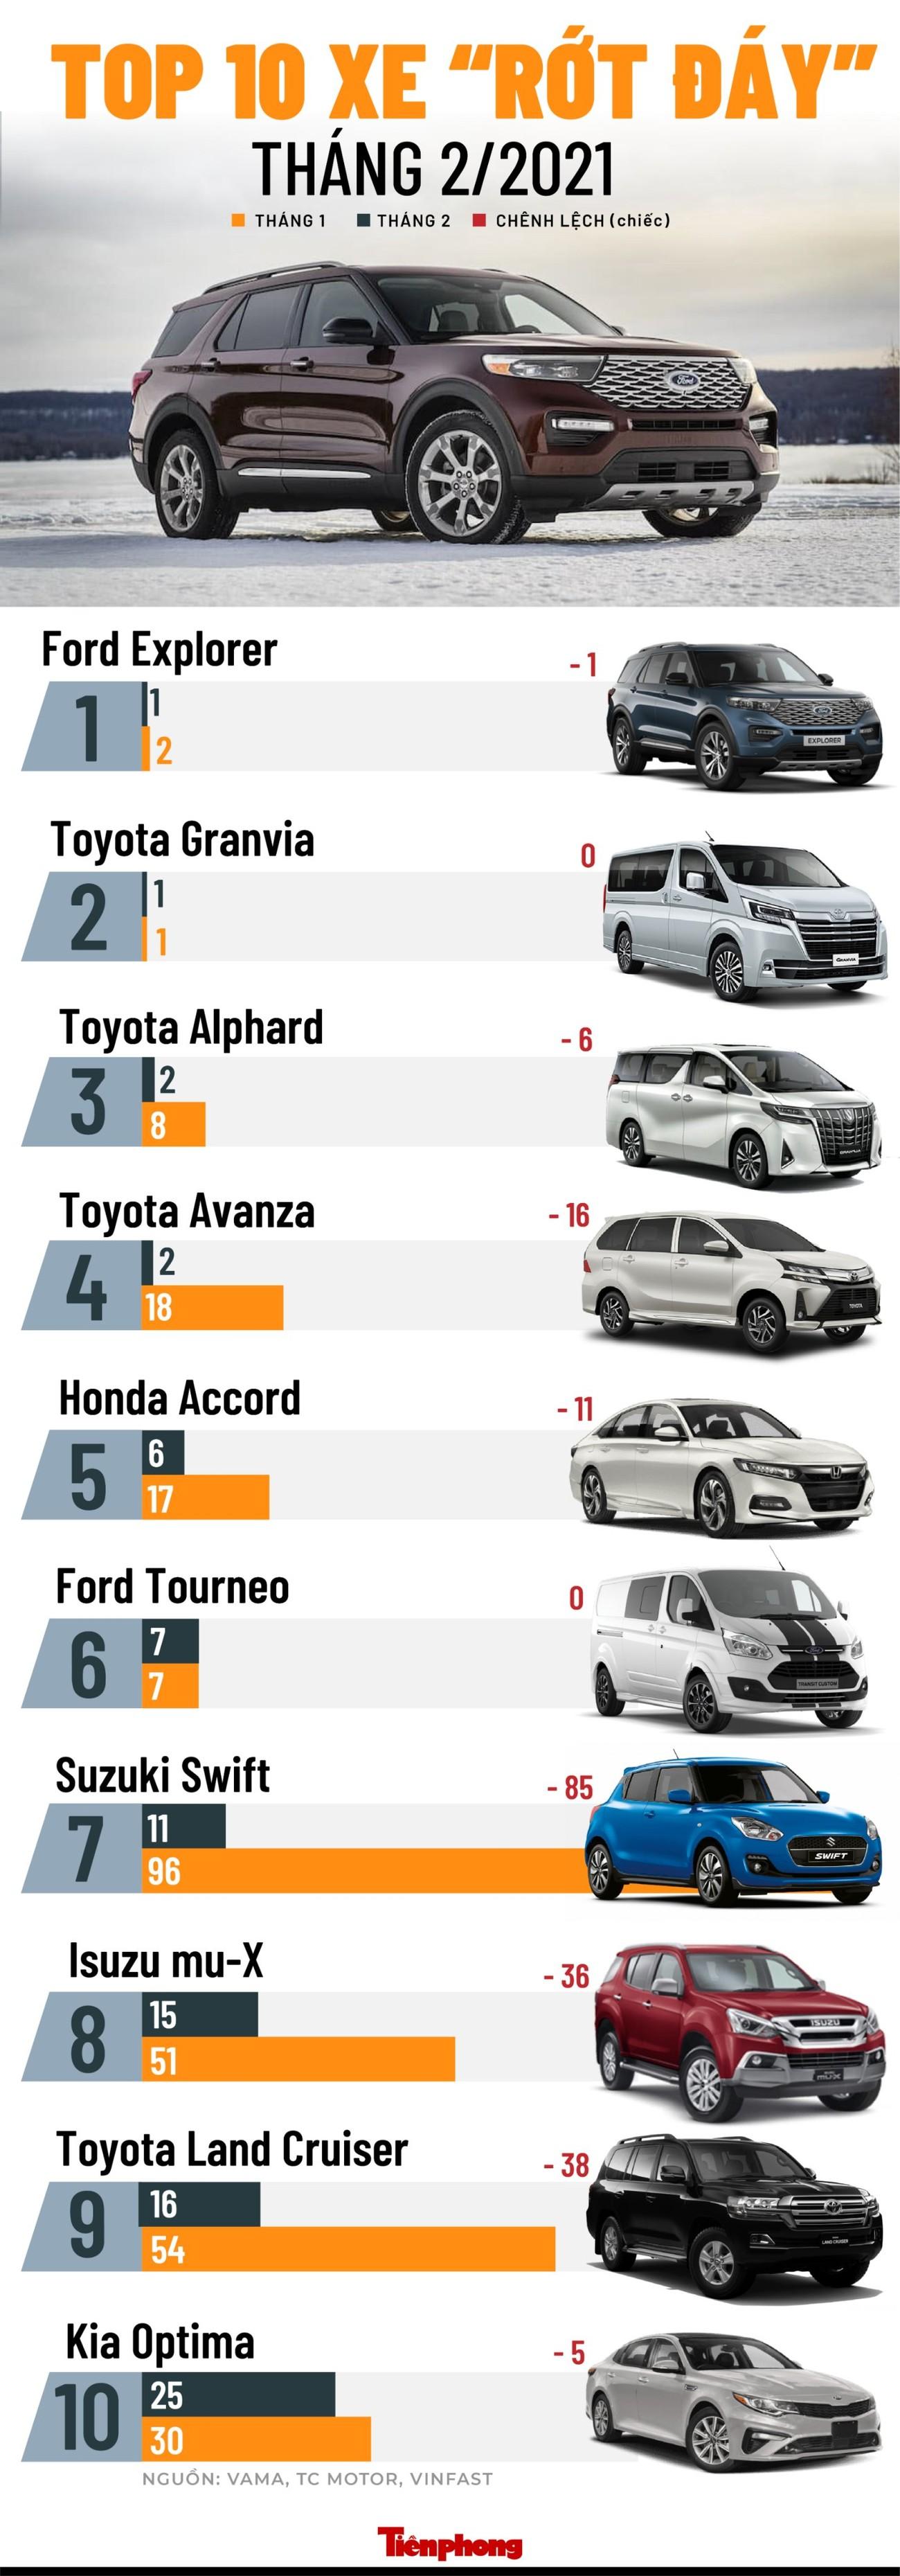 Top 10 mẫu xe bán chậm nhất tháng 2 ảnh 1